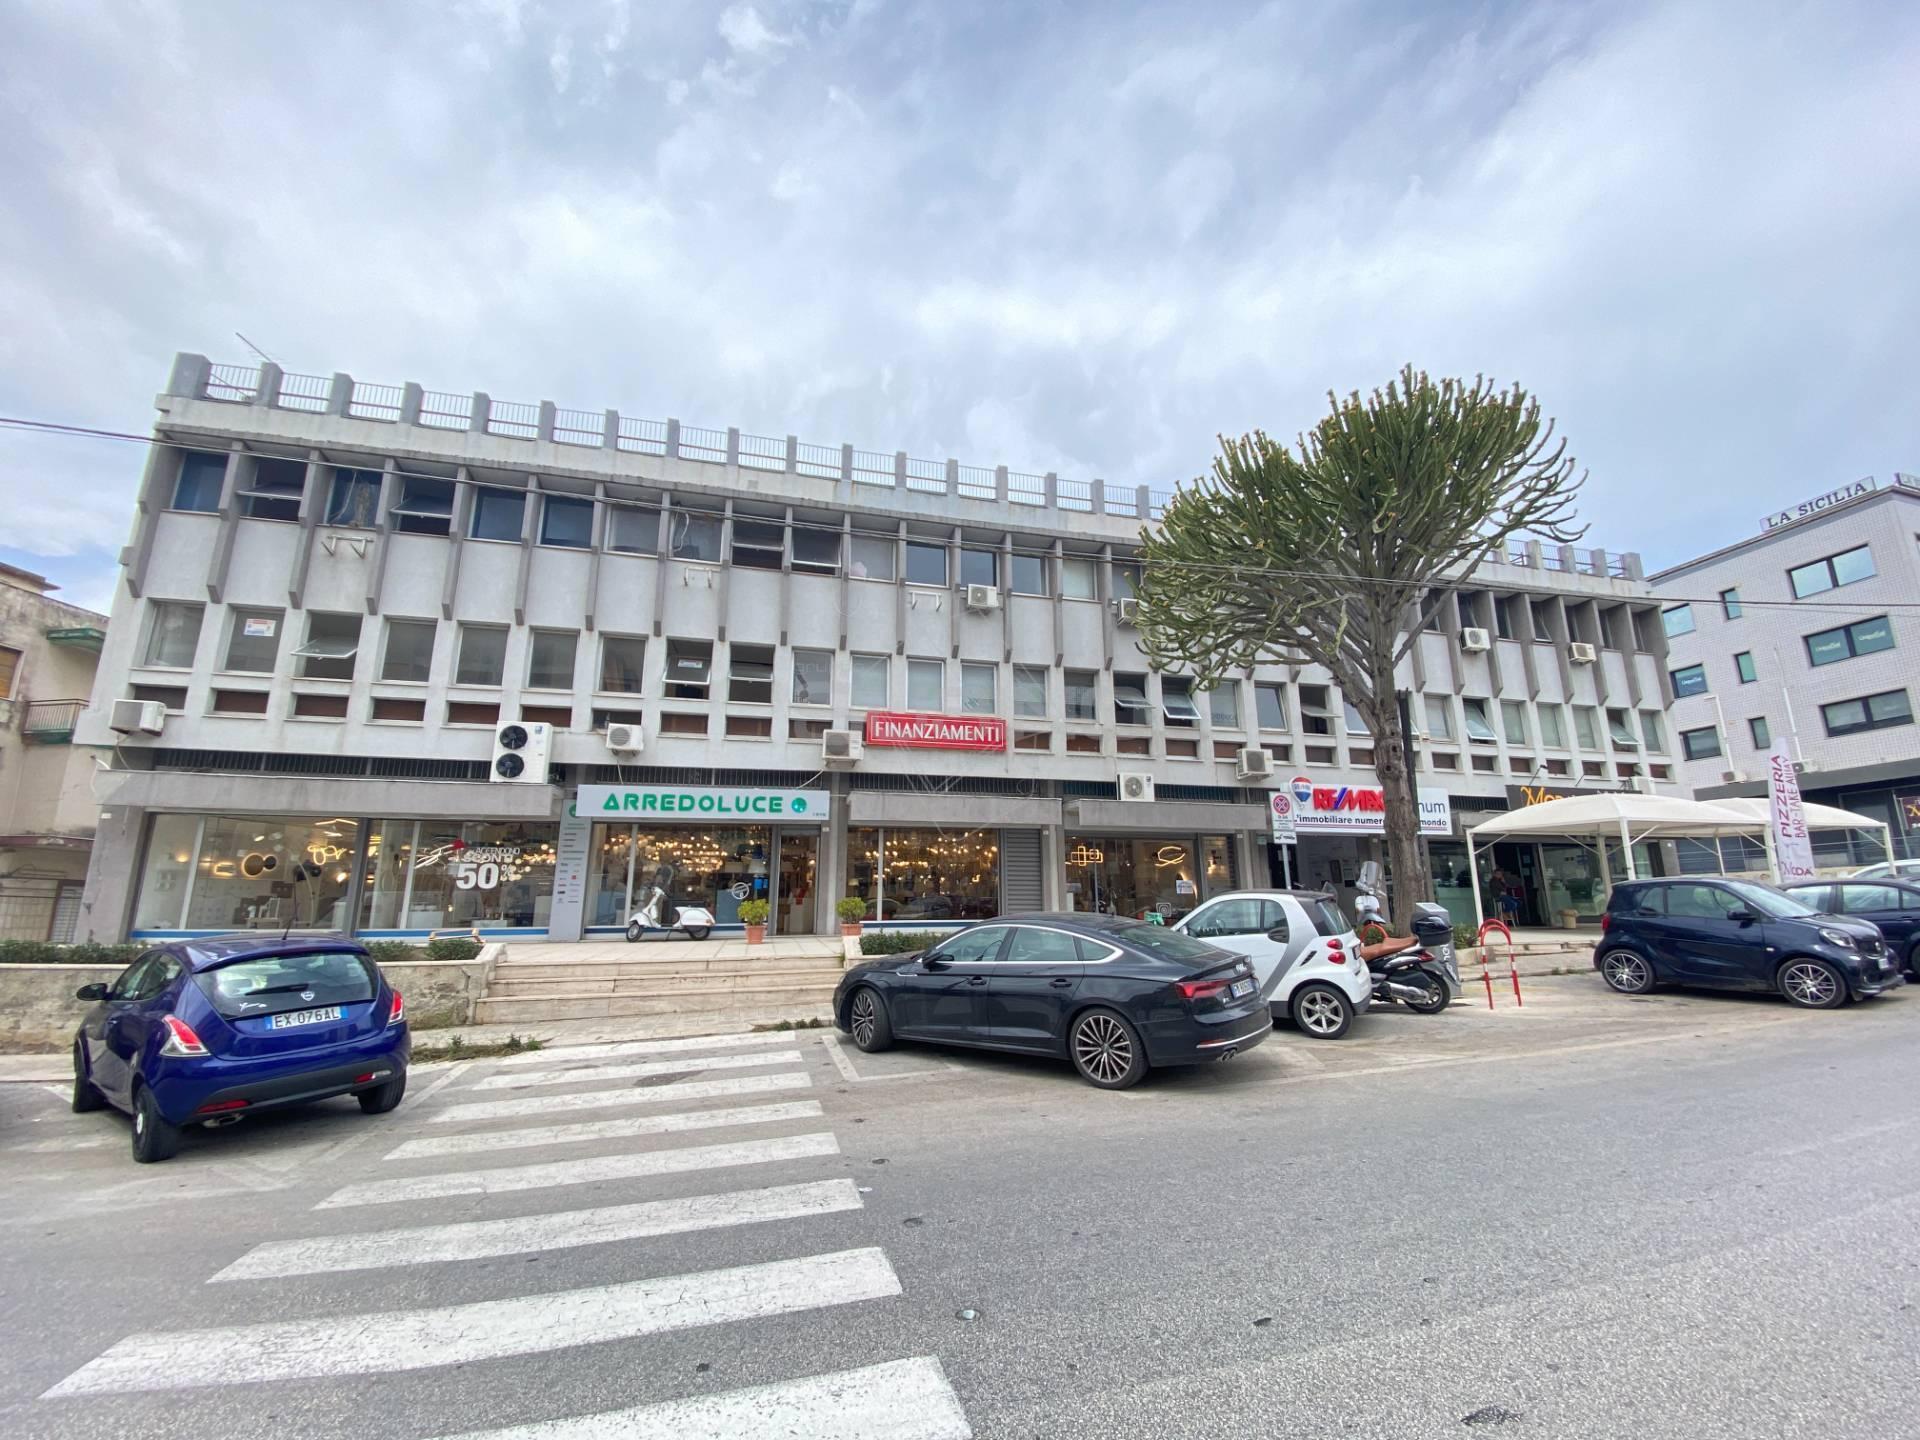 Ufficio / Studio in vendita a Siracusa, 9999 locali, zona Località: Teracati, prezzo € 48.000 | CambioCasa.it